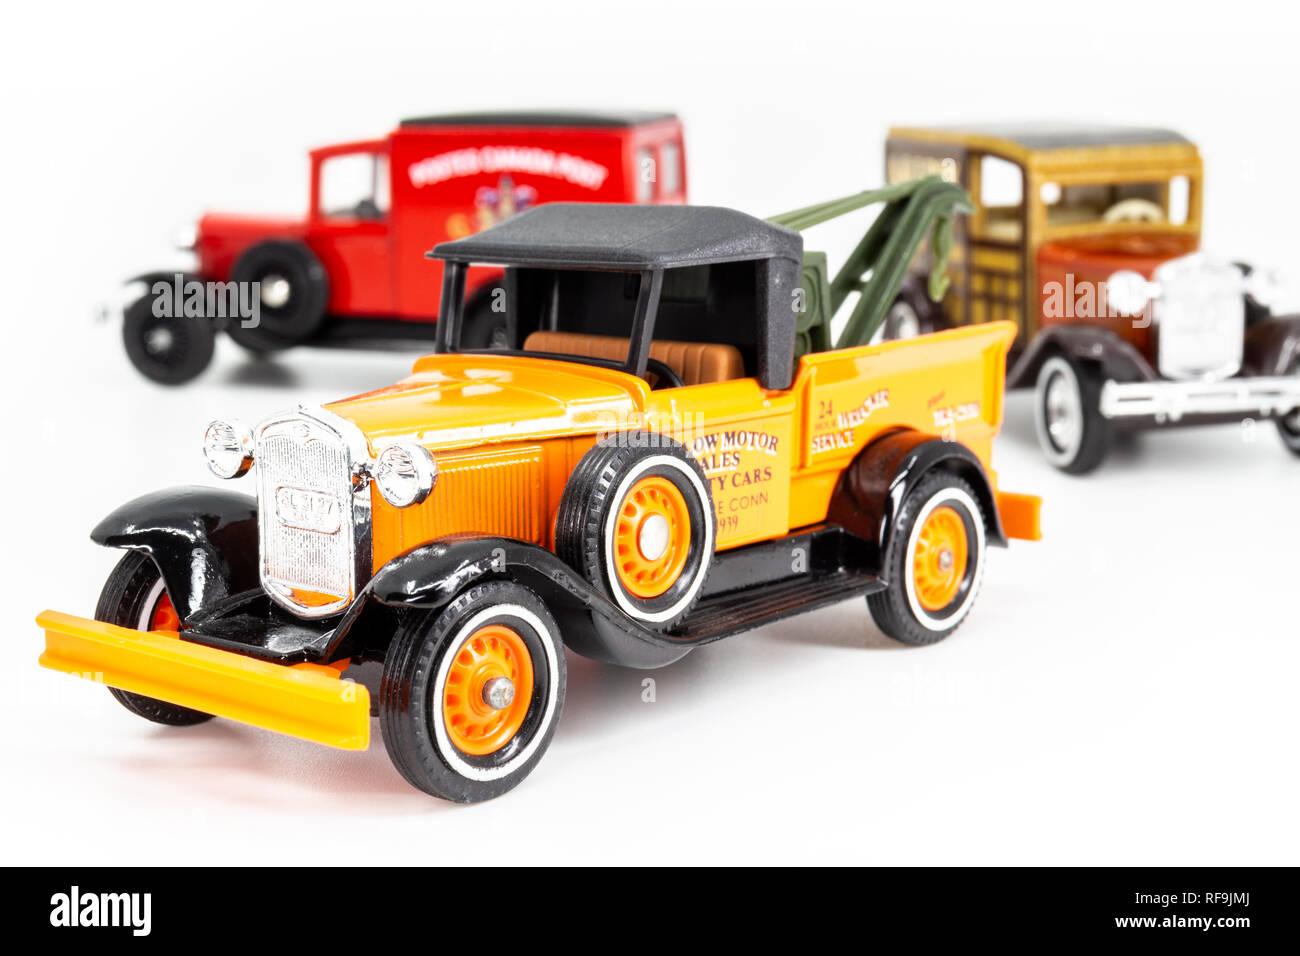 Neueste Kollektion Von Hispano Nutz- & Transportfahrzeuge Suiza 1938 Matchbox Made In England By Lesney Nr 9 Autos & Lkw